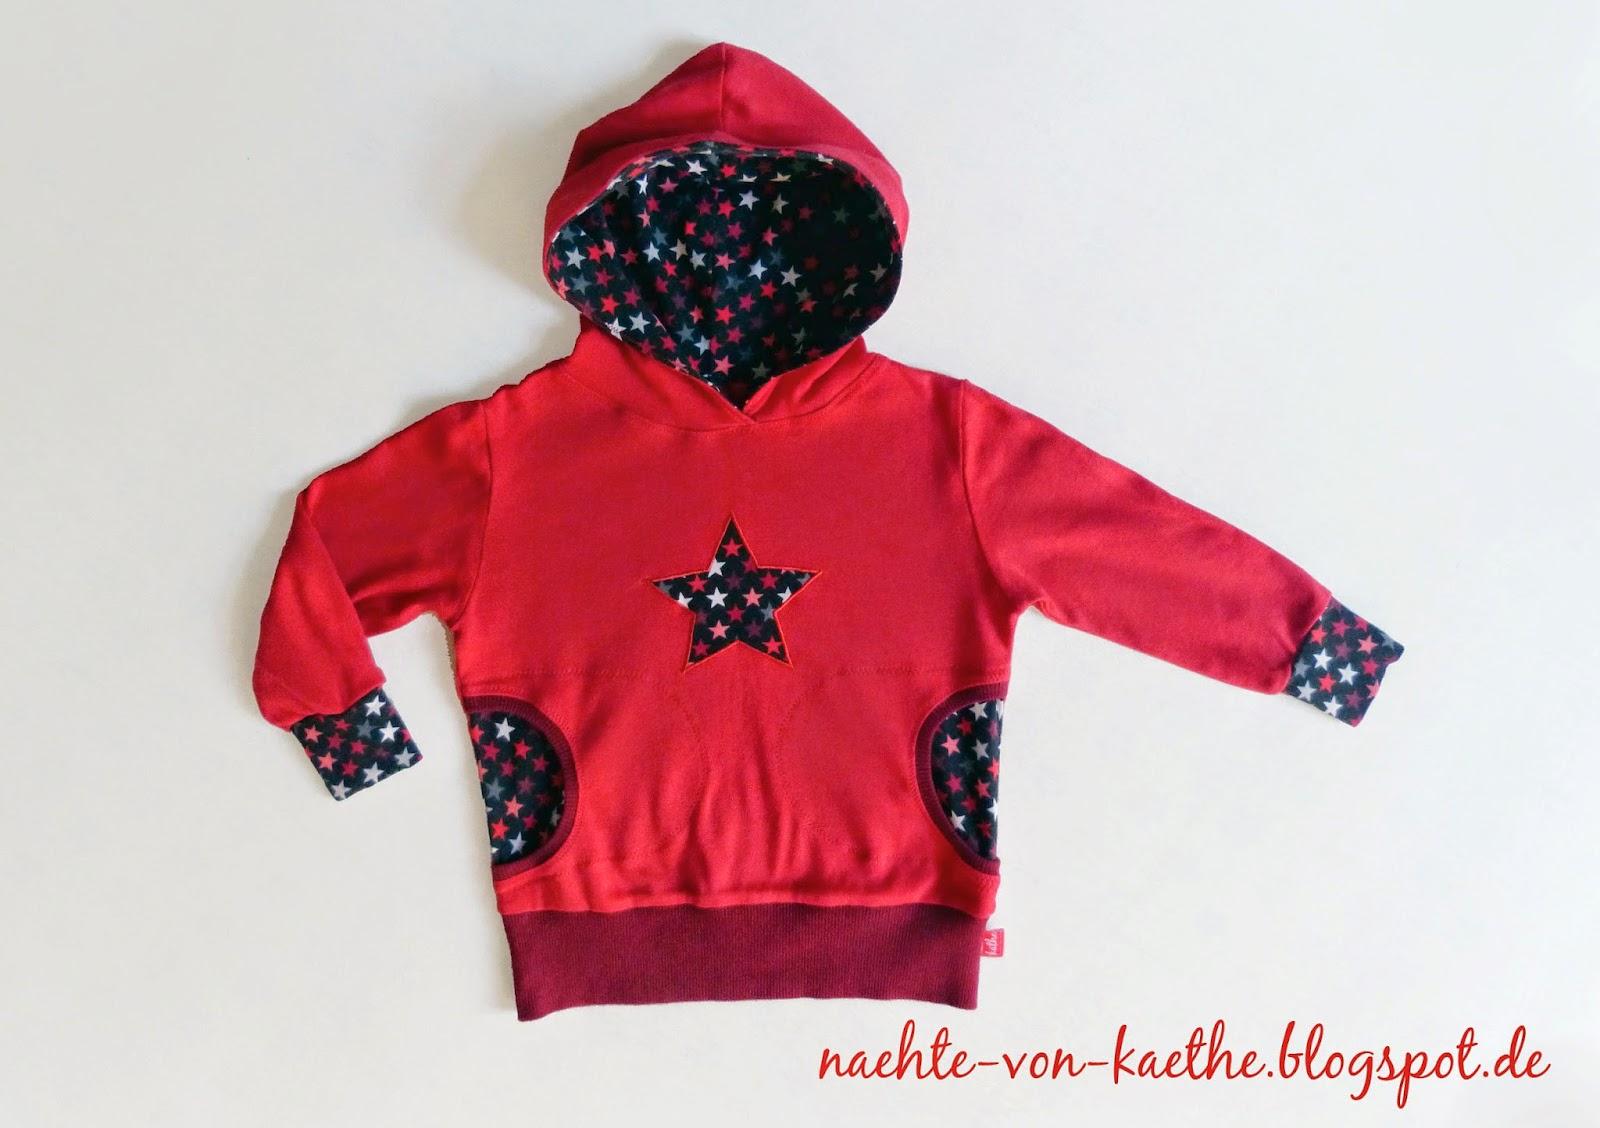 """Hoodie """"Max"""" von dreieMs in rot mit dunklem Sternenjersey und Sternenapplikation auf der Brust"""